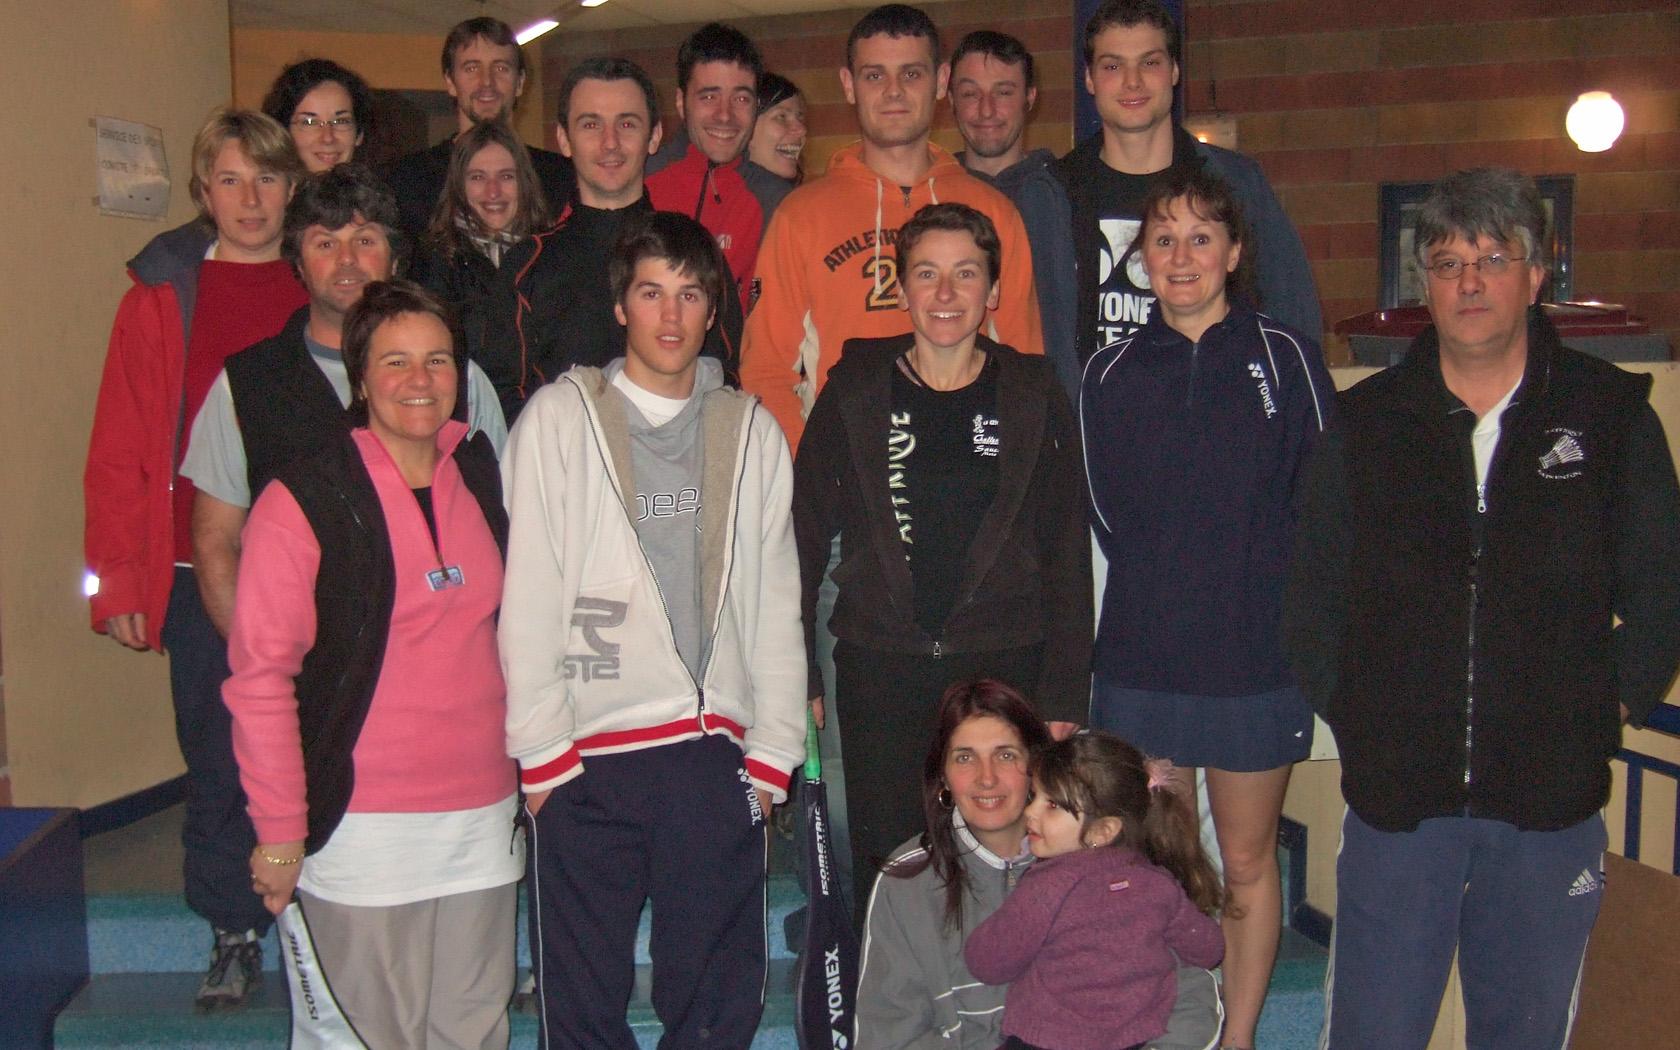 Tournoi_St_Affrique_03-2006_(1).JPG